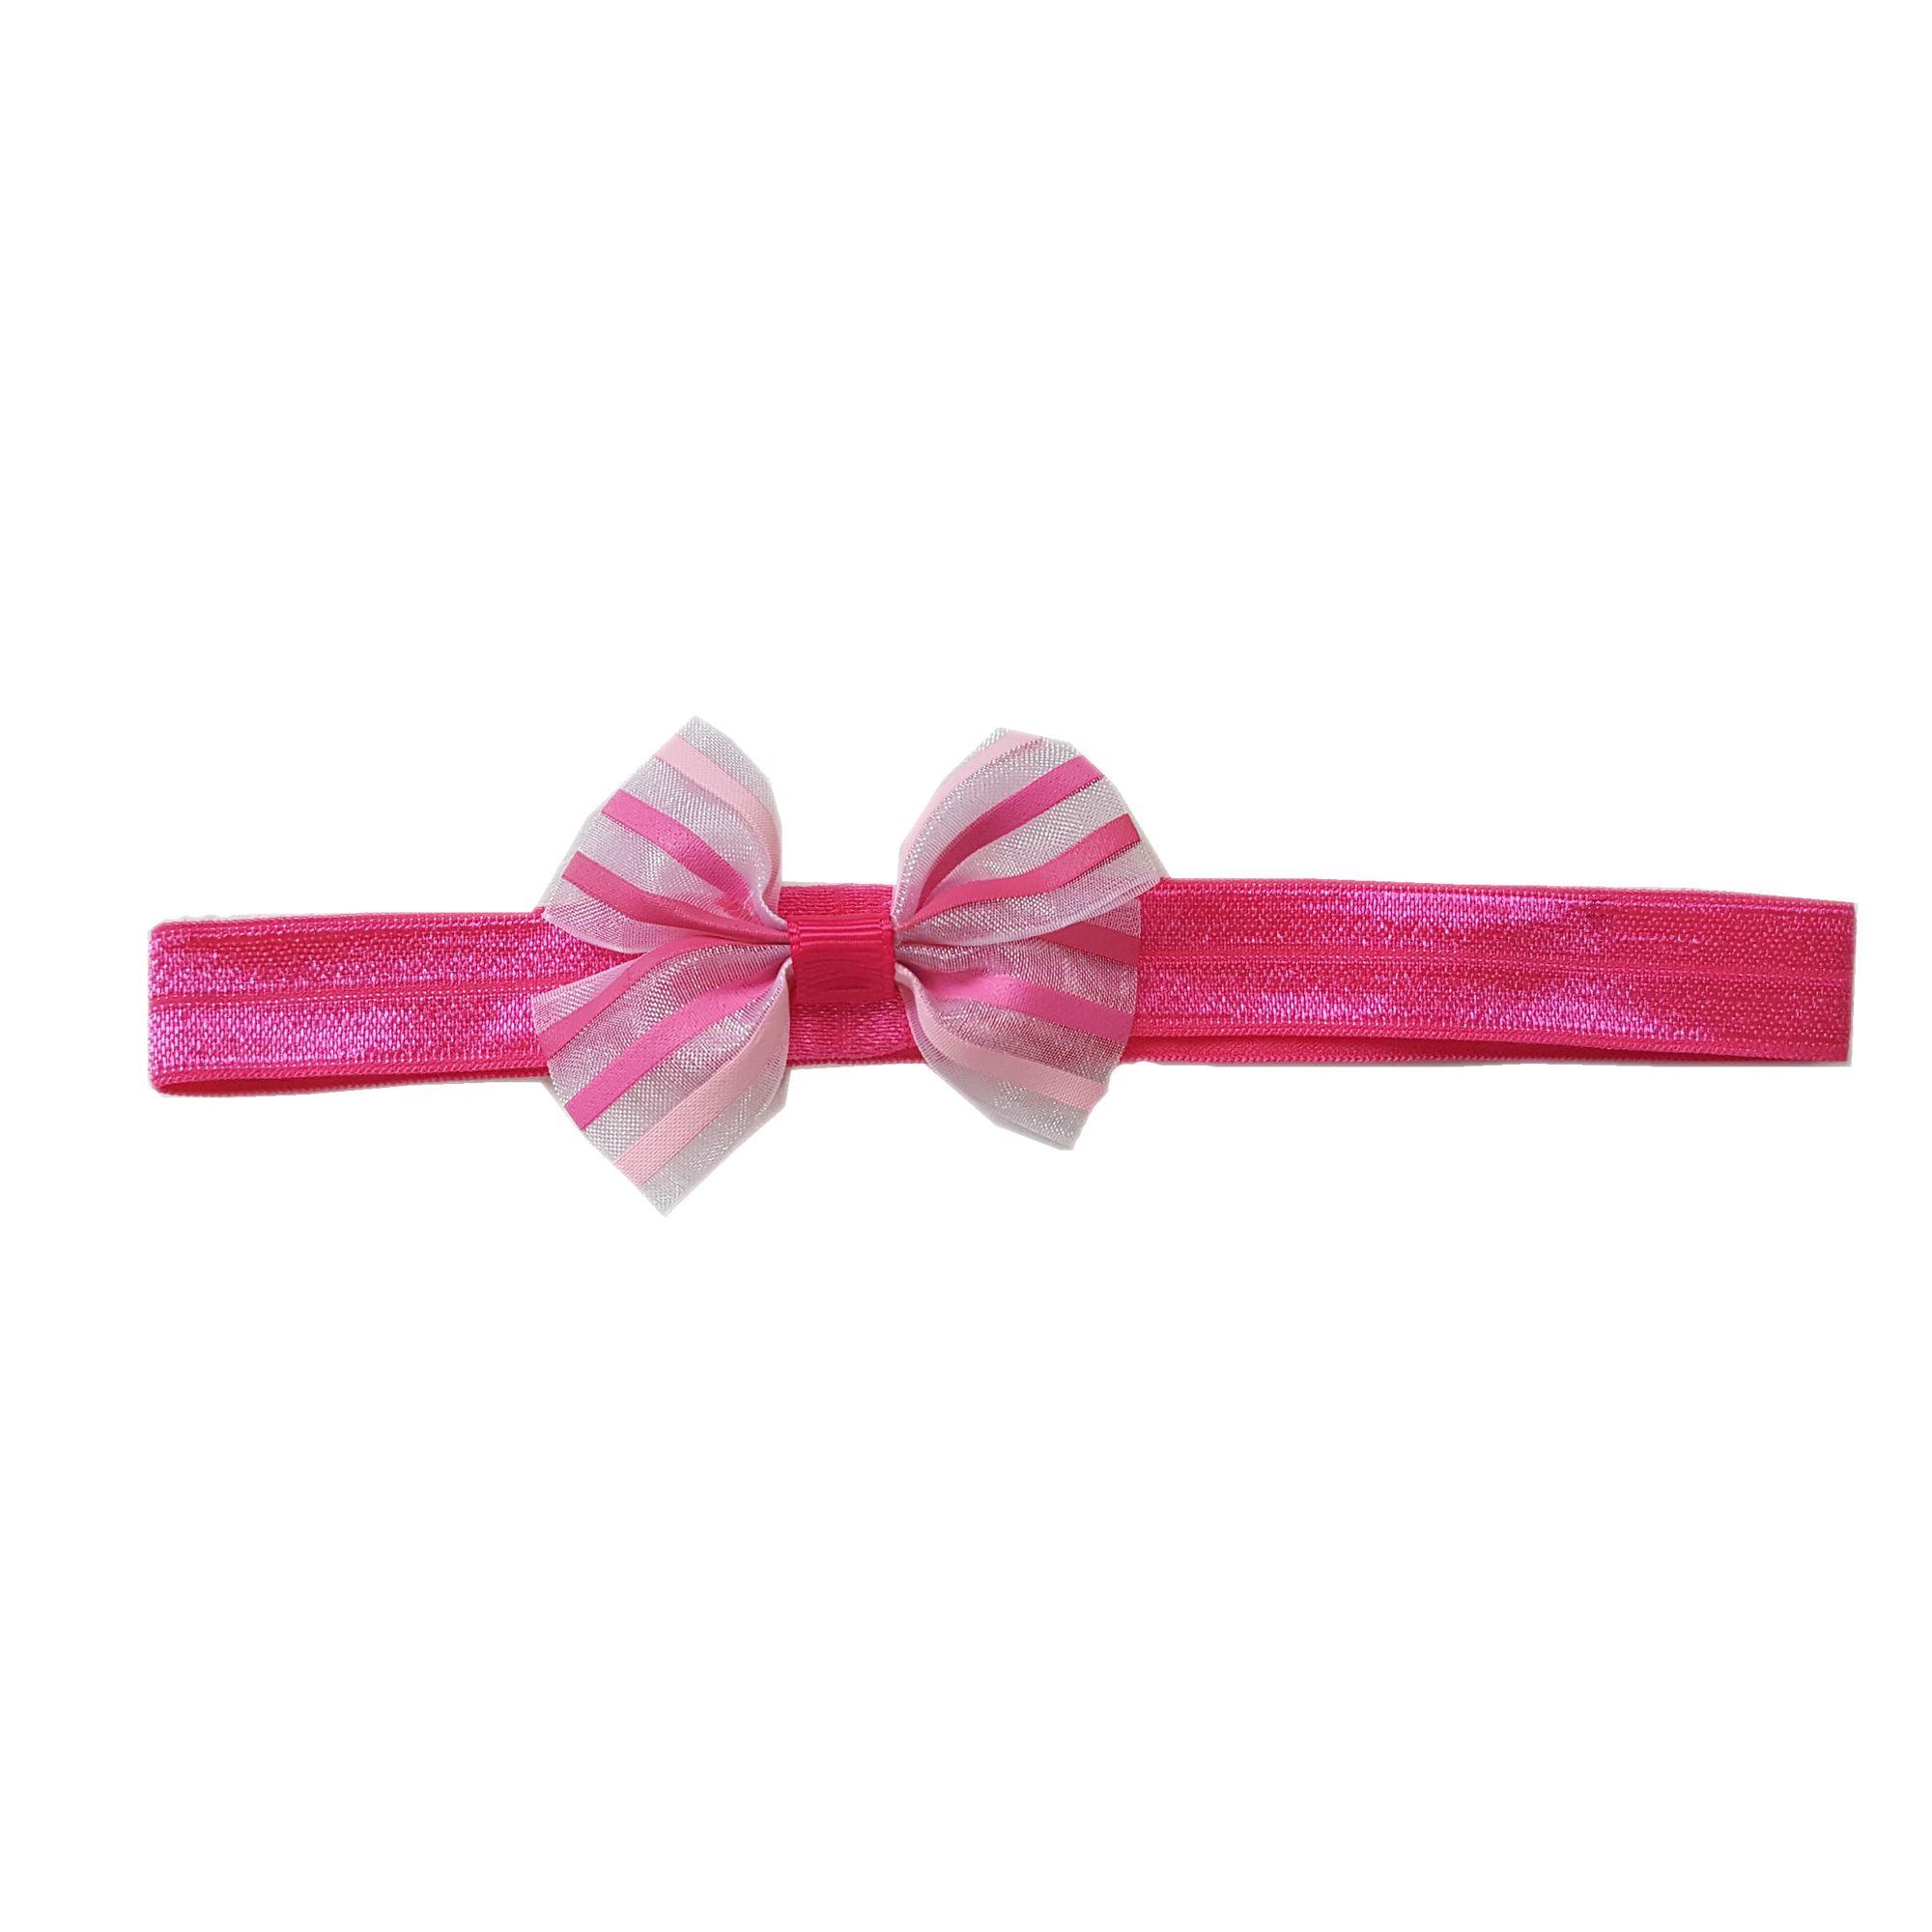 faixa-para-cabelo-infantil-listras-cetim-pink-lacos-da-sorte-loja-ecameleca-kids